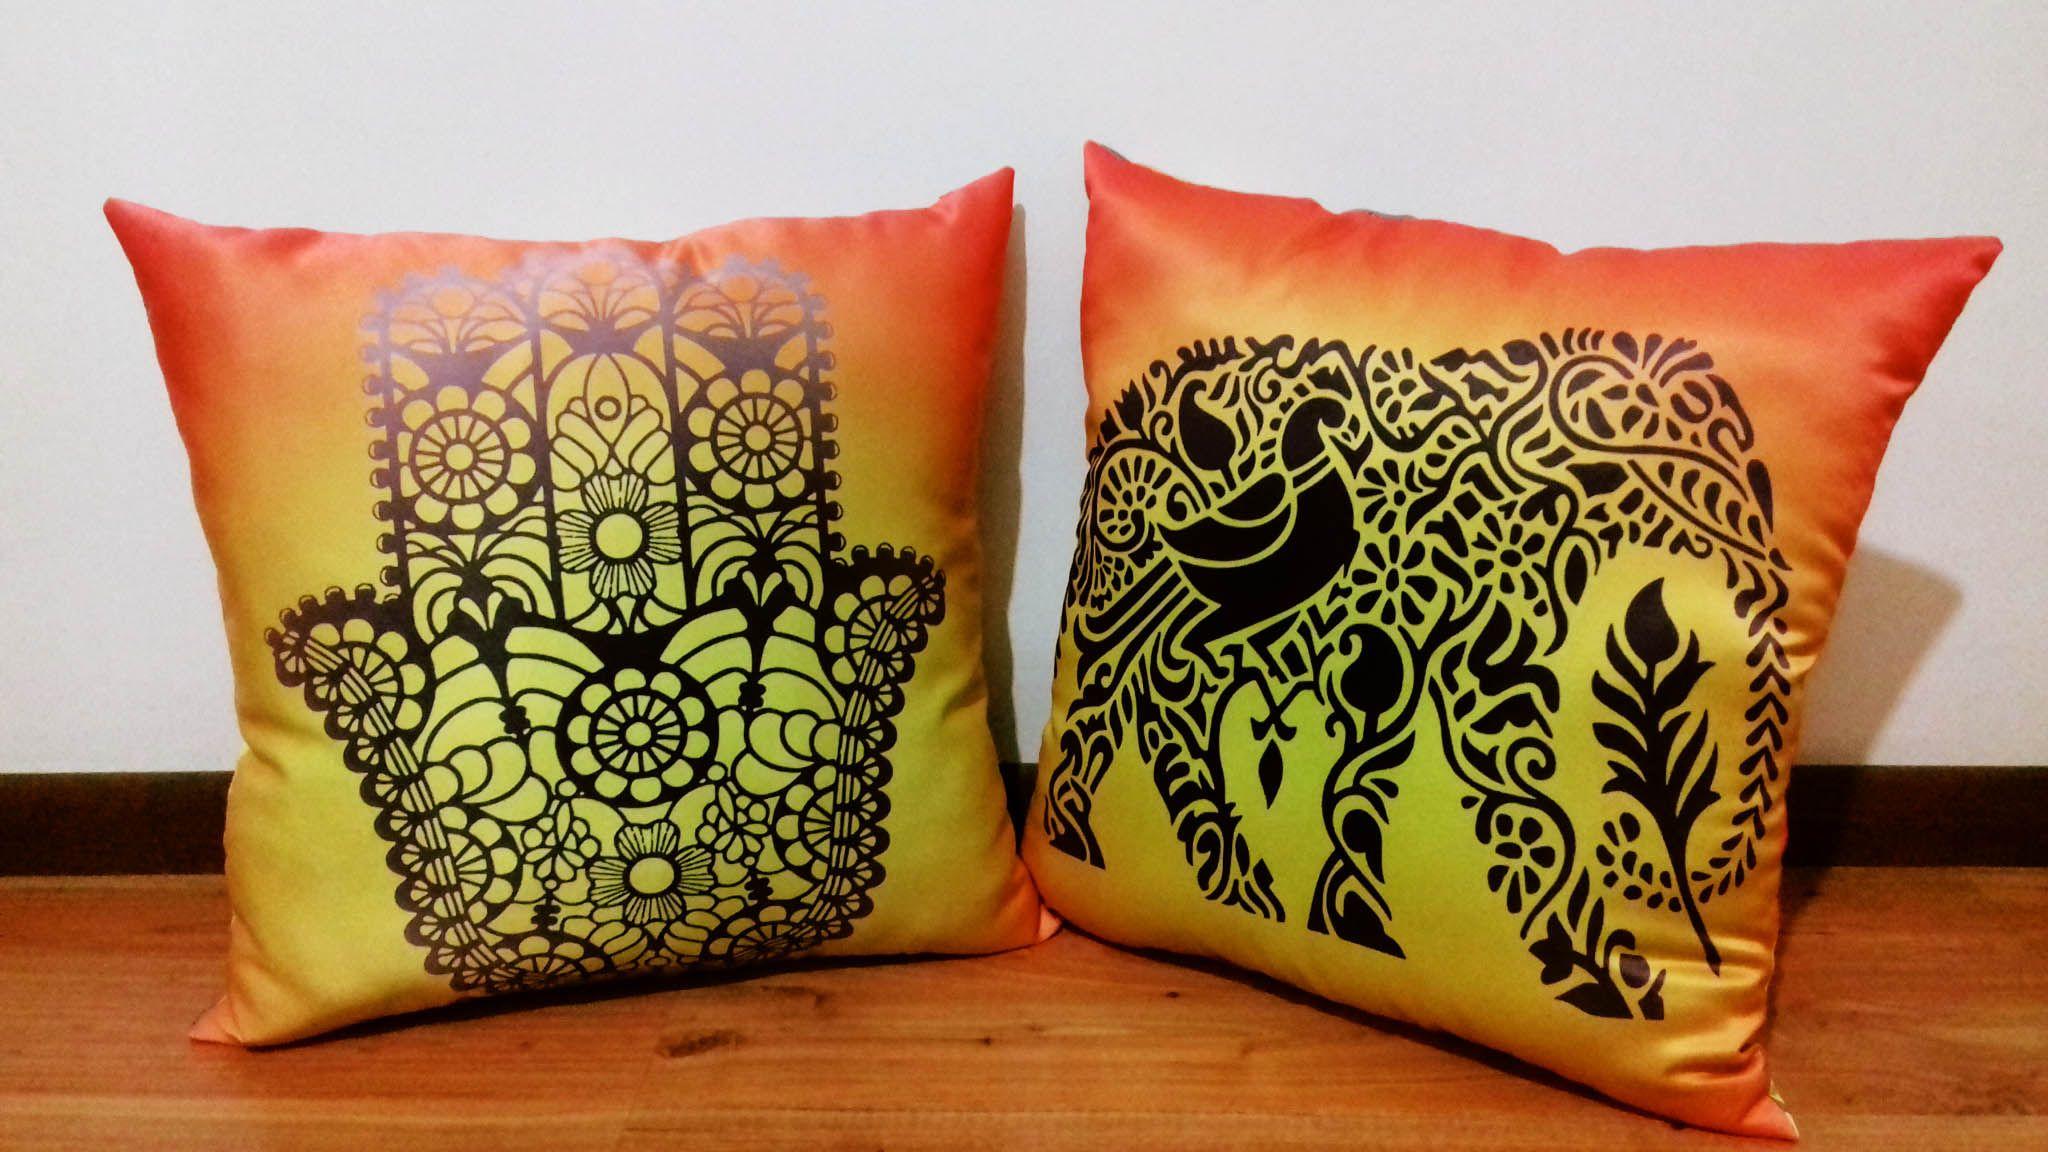 Cojines mano de f tima y elefante indio 45 x 45 cm tela satinada facebook wambi craft - Cojines indios ...